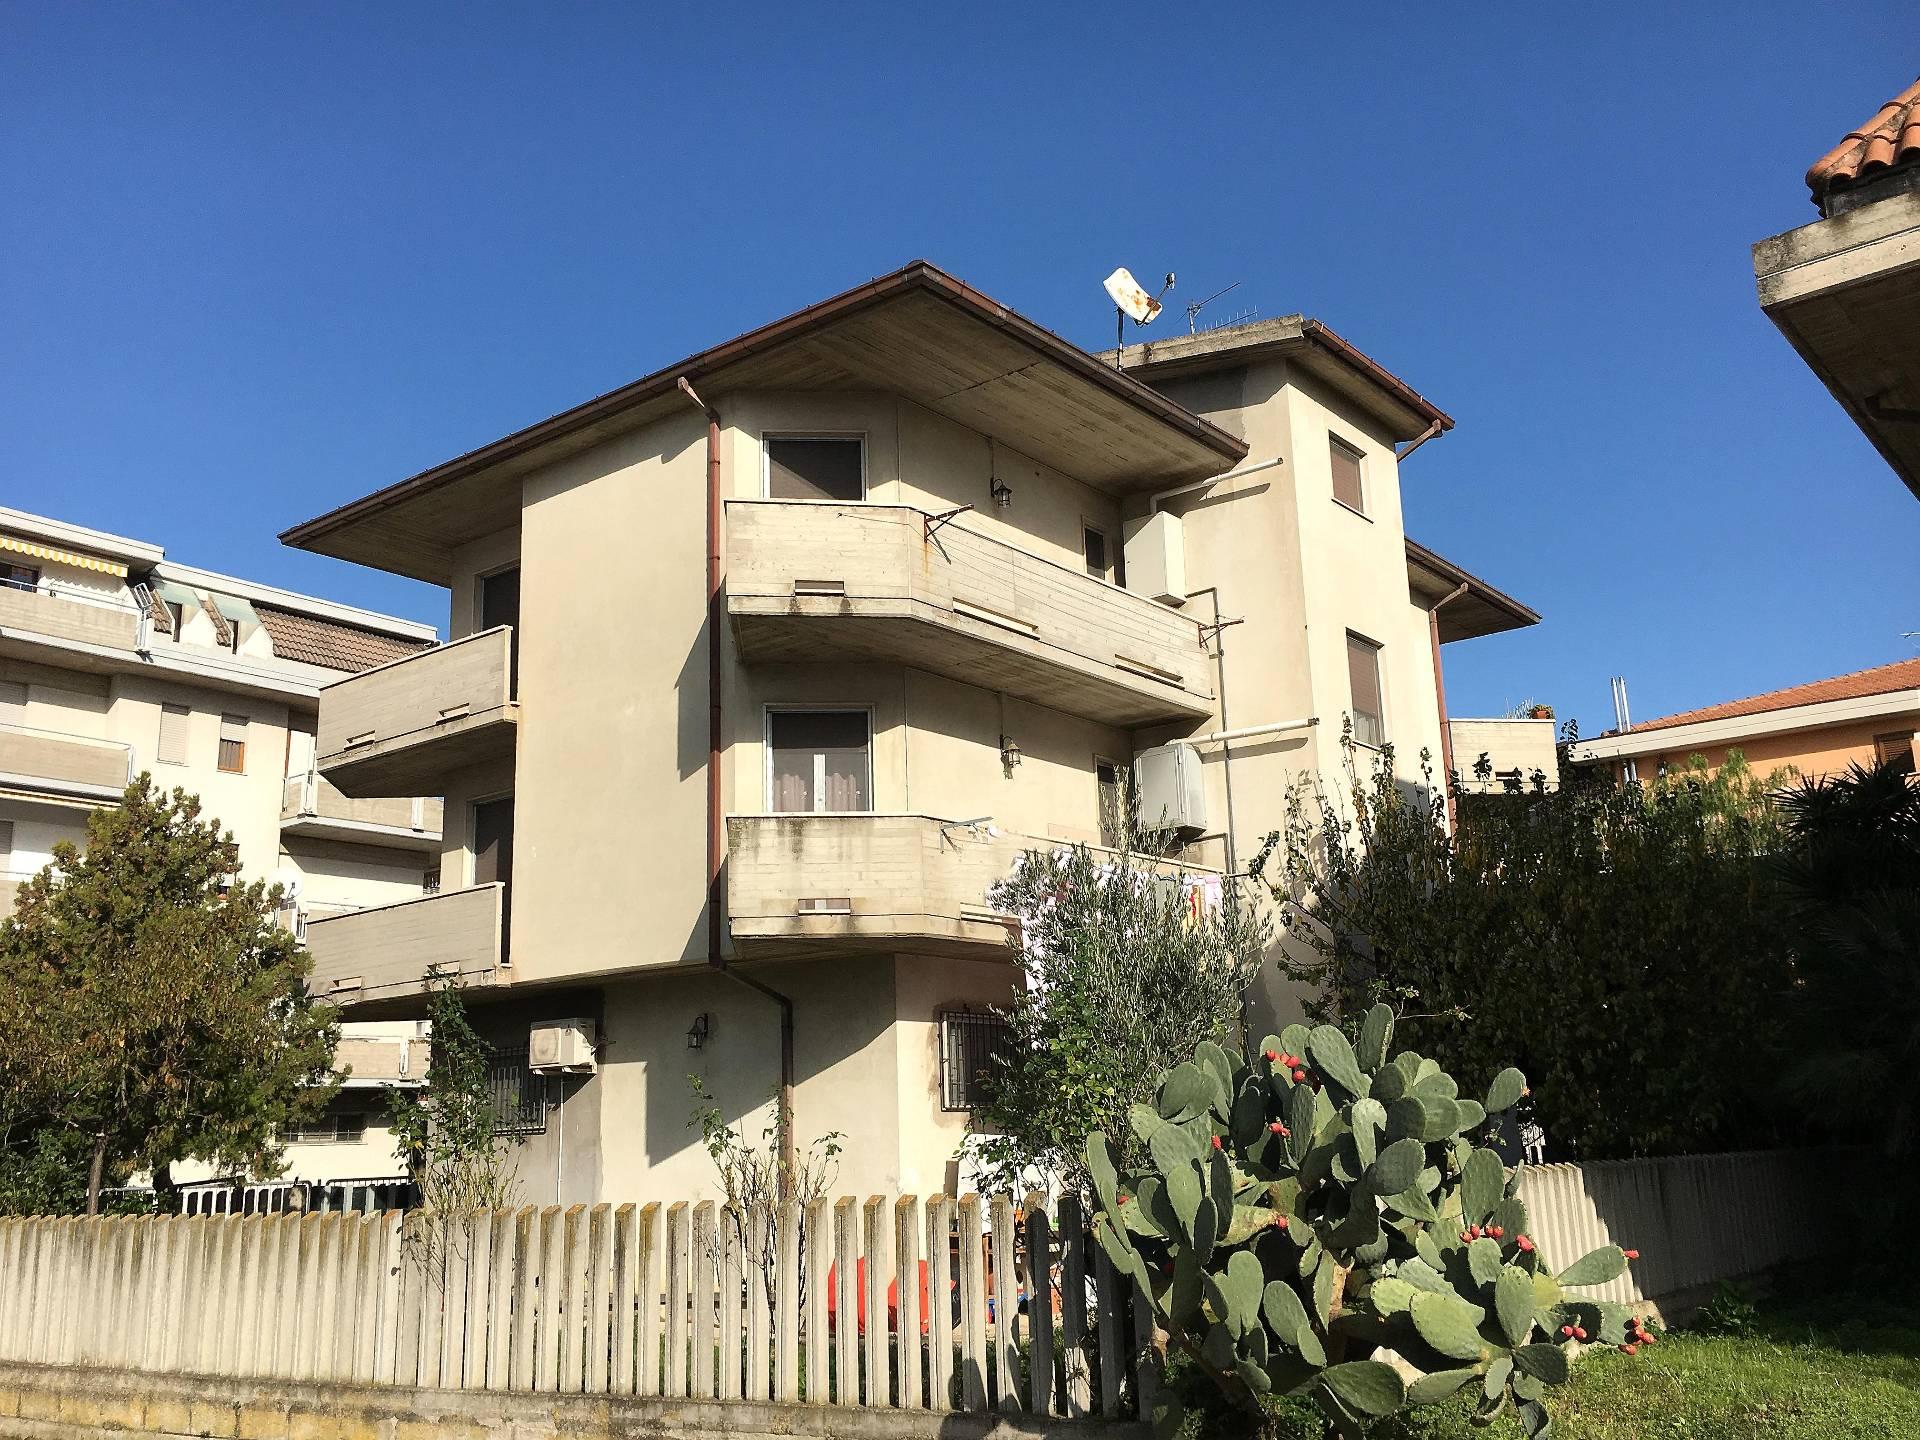 Soluzione Indipendente in vendita a Martinsicuro, 13 locali, prezzo € 268.000 | Cambio Casa.it